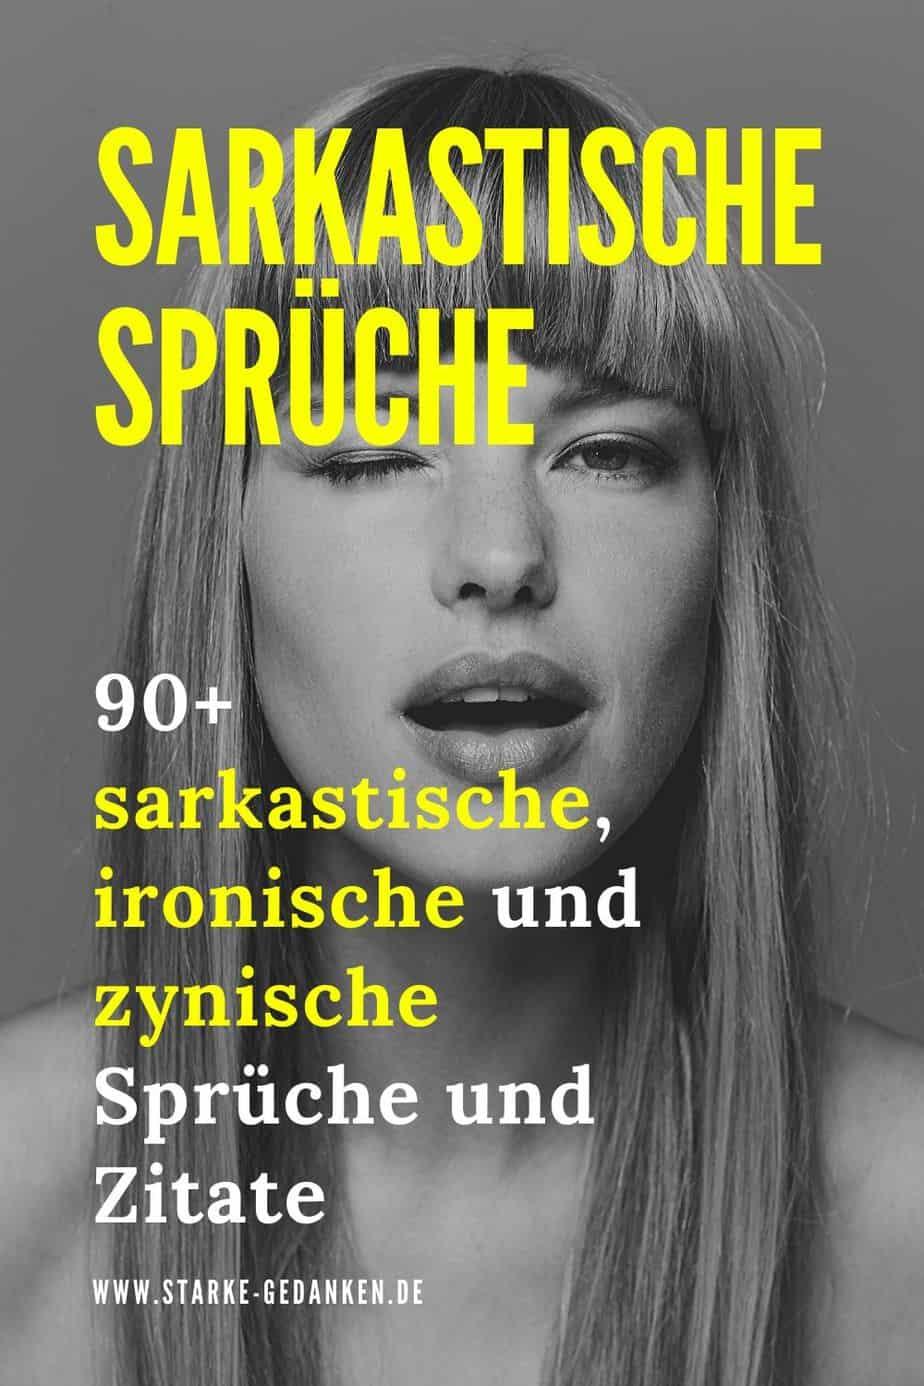 Sarkastische Spruche 90 Sarkastische Und Ironische Spruche Und